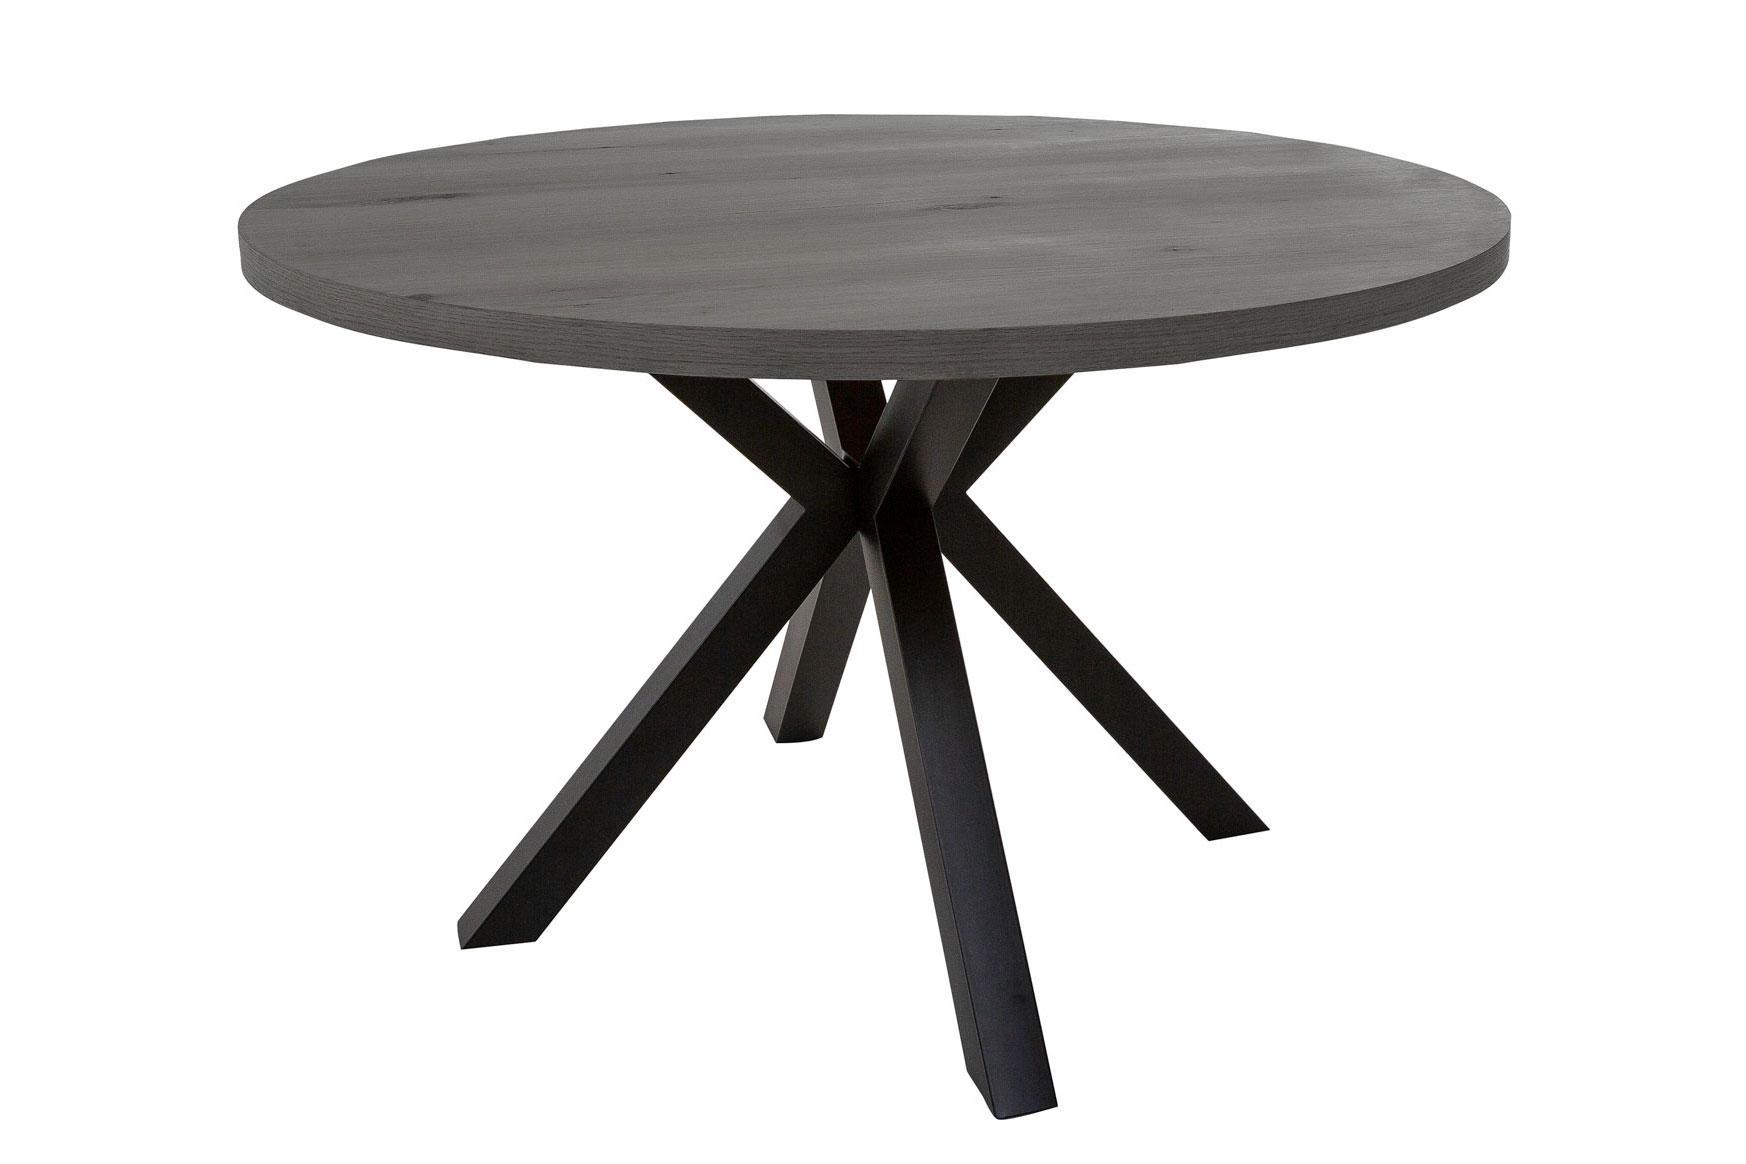 Catalent Dizajnový jedálenský stôl Madie tmavo sivý okrúhly 120cm